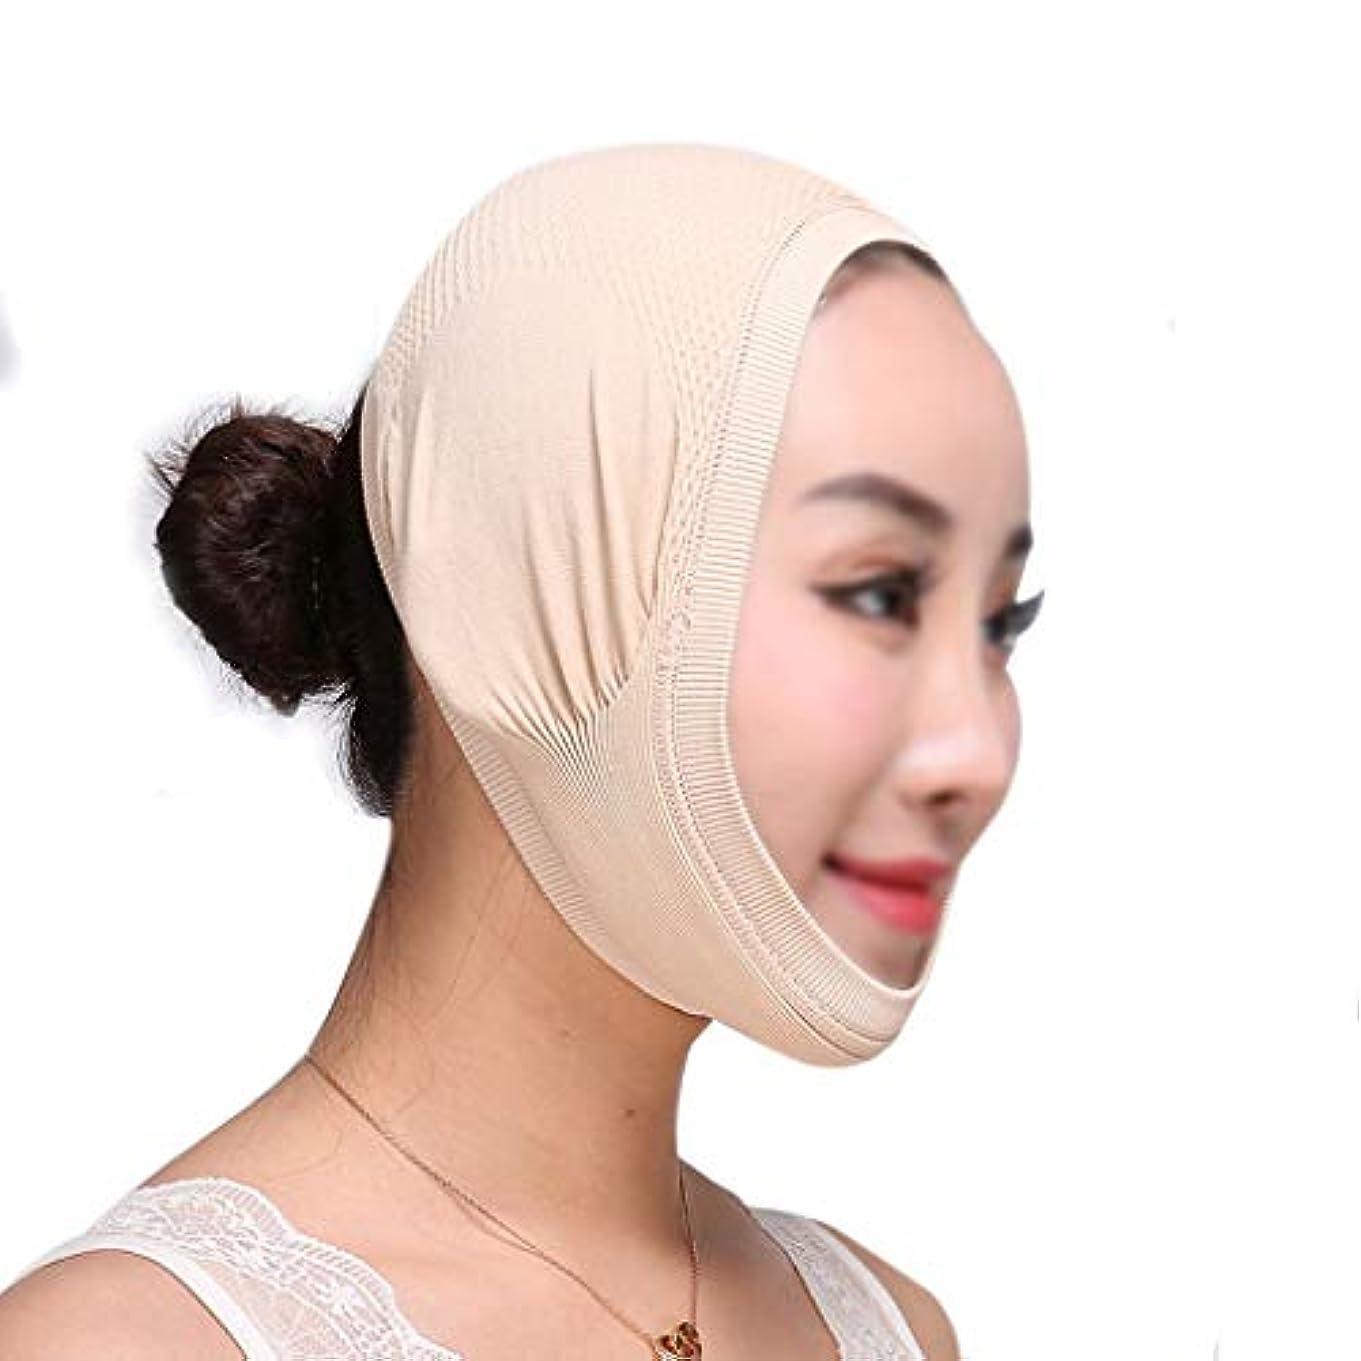 詐欺否認するリテラシーXHLMRMJ 整形外科病院ライン彫刻術後回復ヘッドギア医療マスク睡眠vフェイスリフティング包帯薄いフェイスマスク (Size : Skin tone(B))